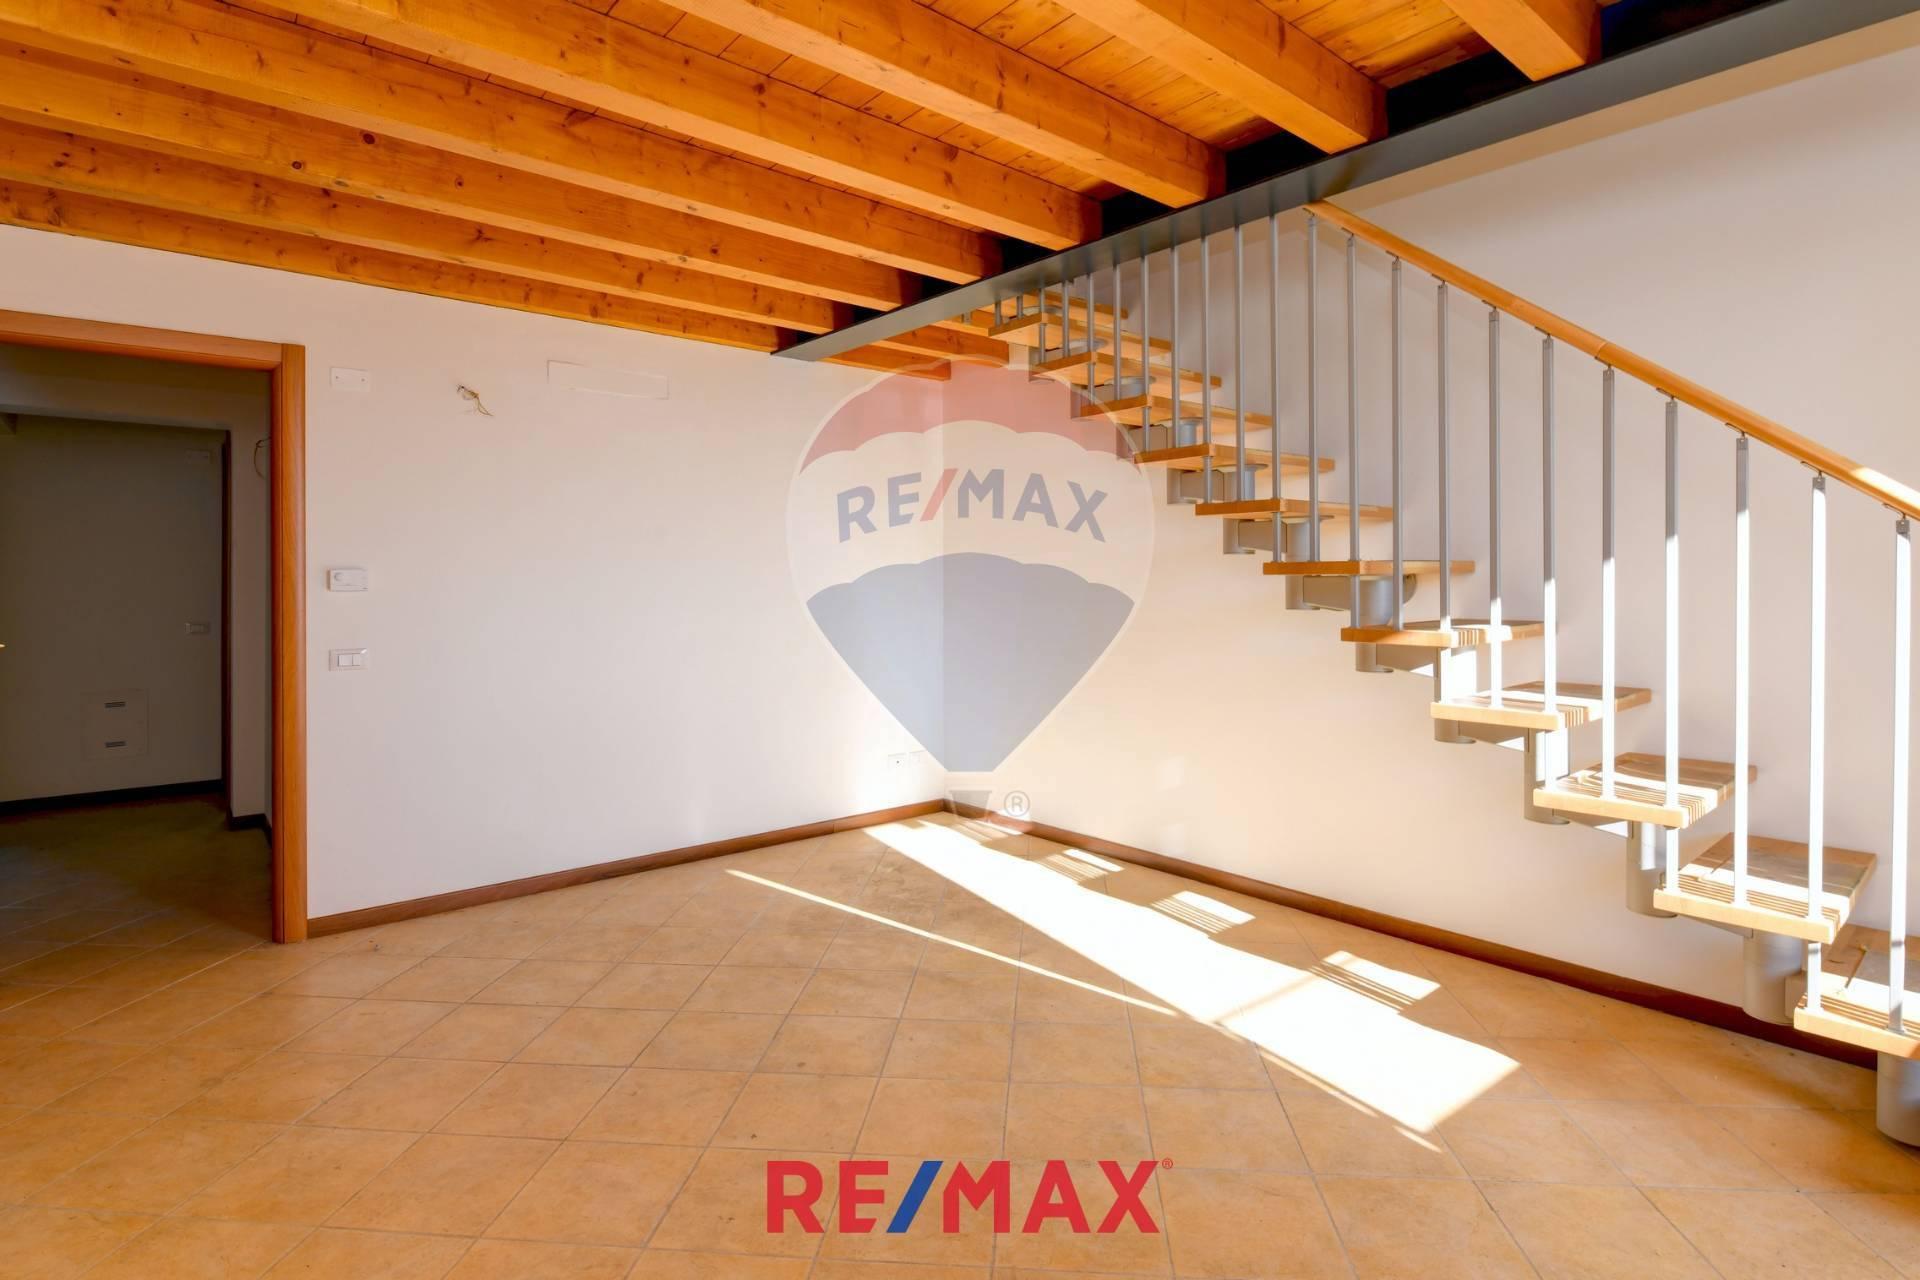 Appartamento in vendita a Gardone Riviera, 5 locali, zona Località: GardoneSotto, prezzo € 309.000 | CambioCasa.it